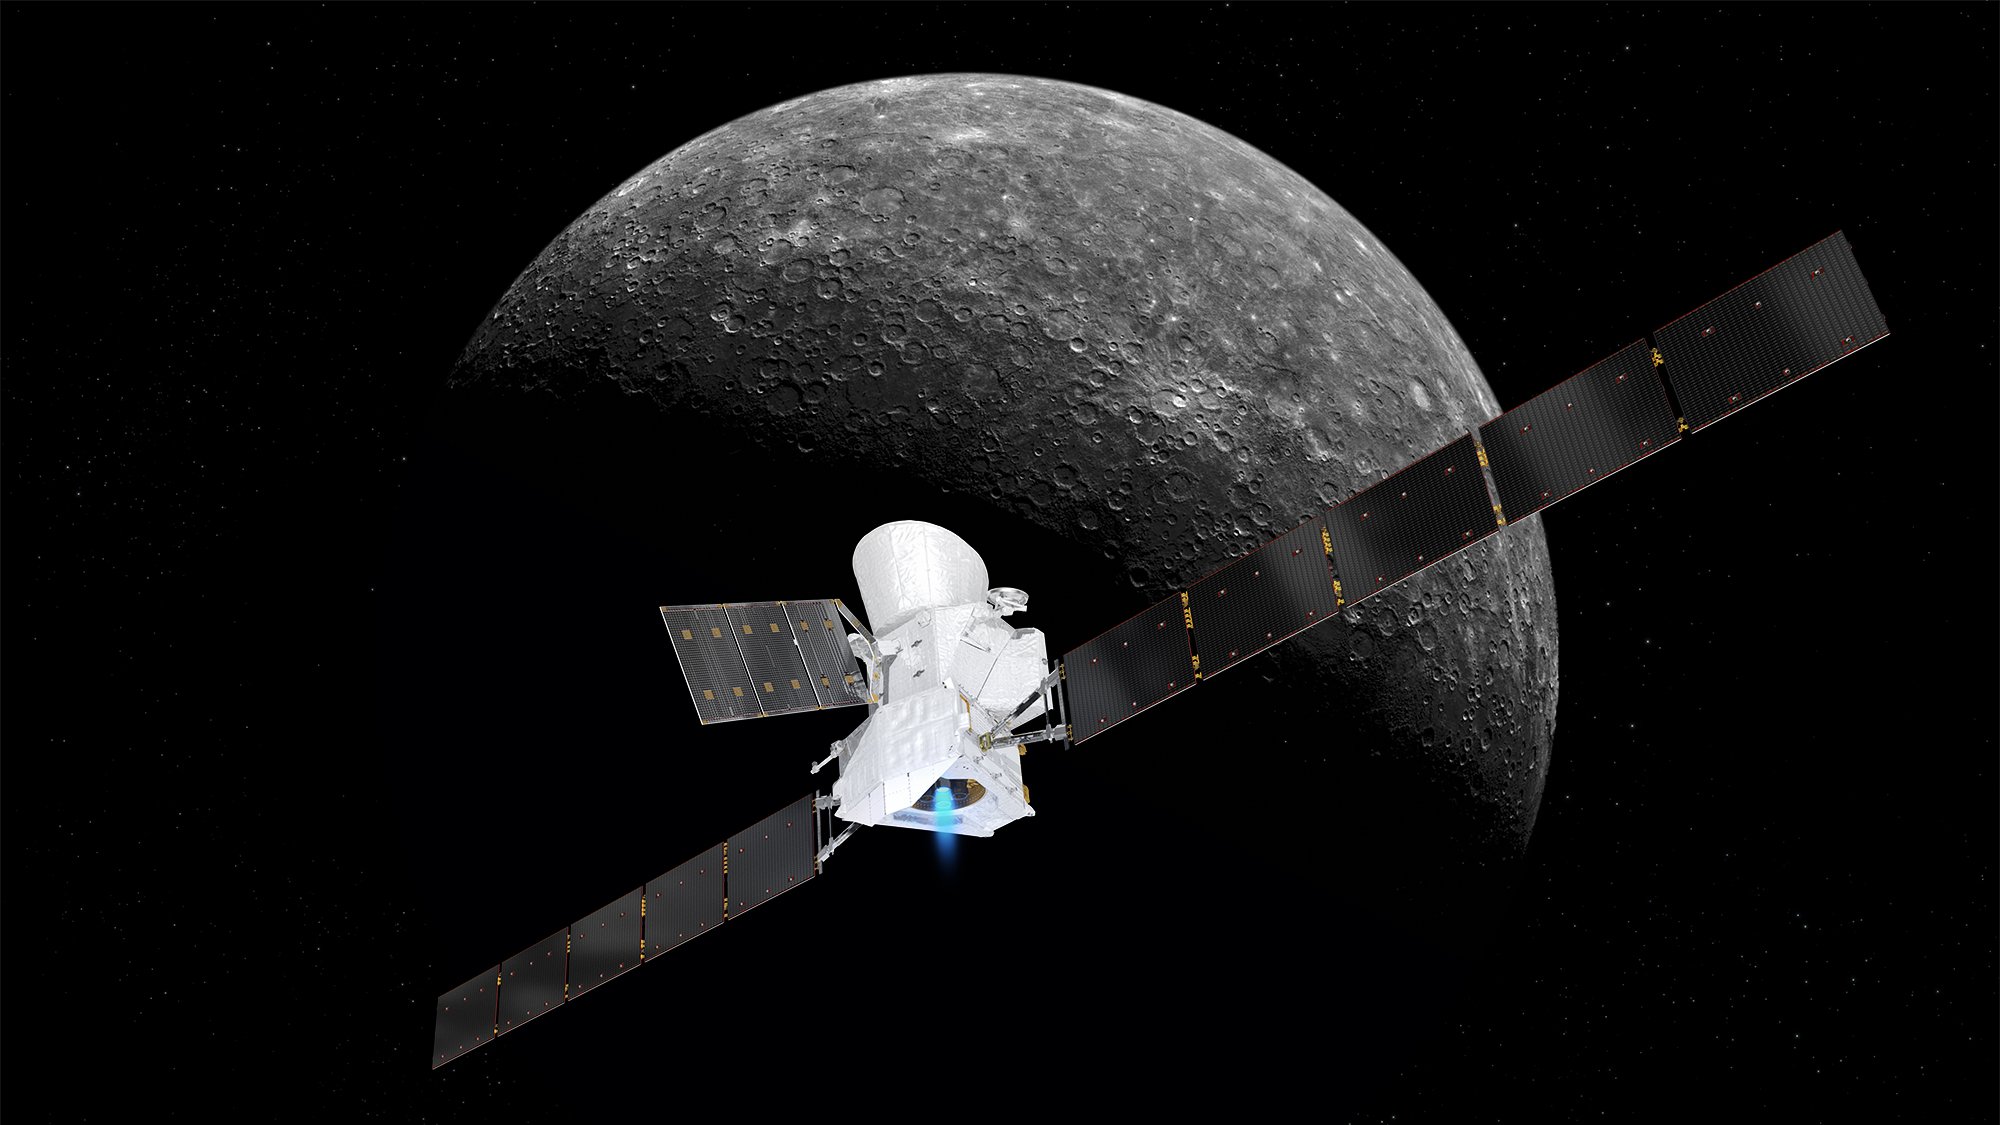 1567214403495-BepiColombo_approaching_Mercury_02_2k.jpg